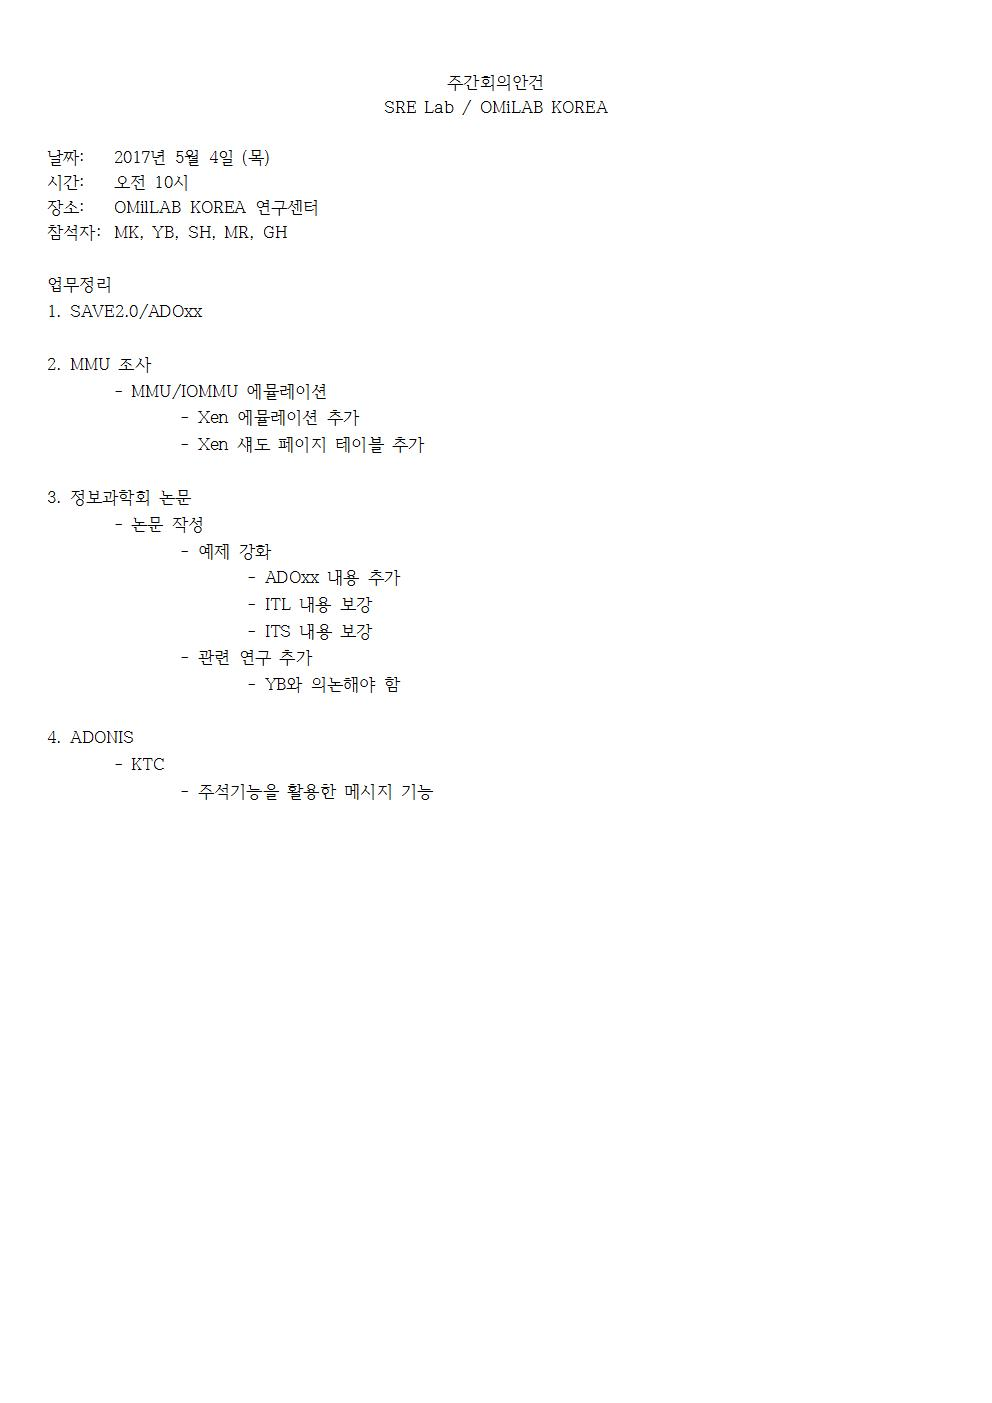 4-목-2017-05-04-PLAN(SH)001.jpg